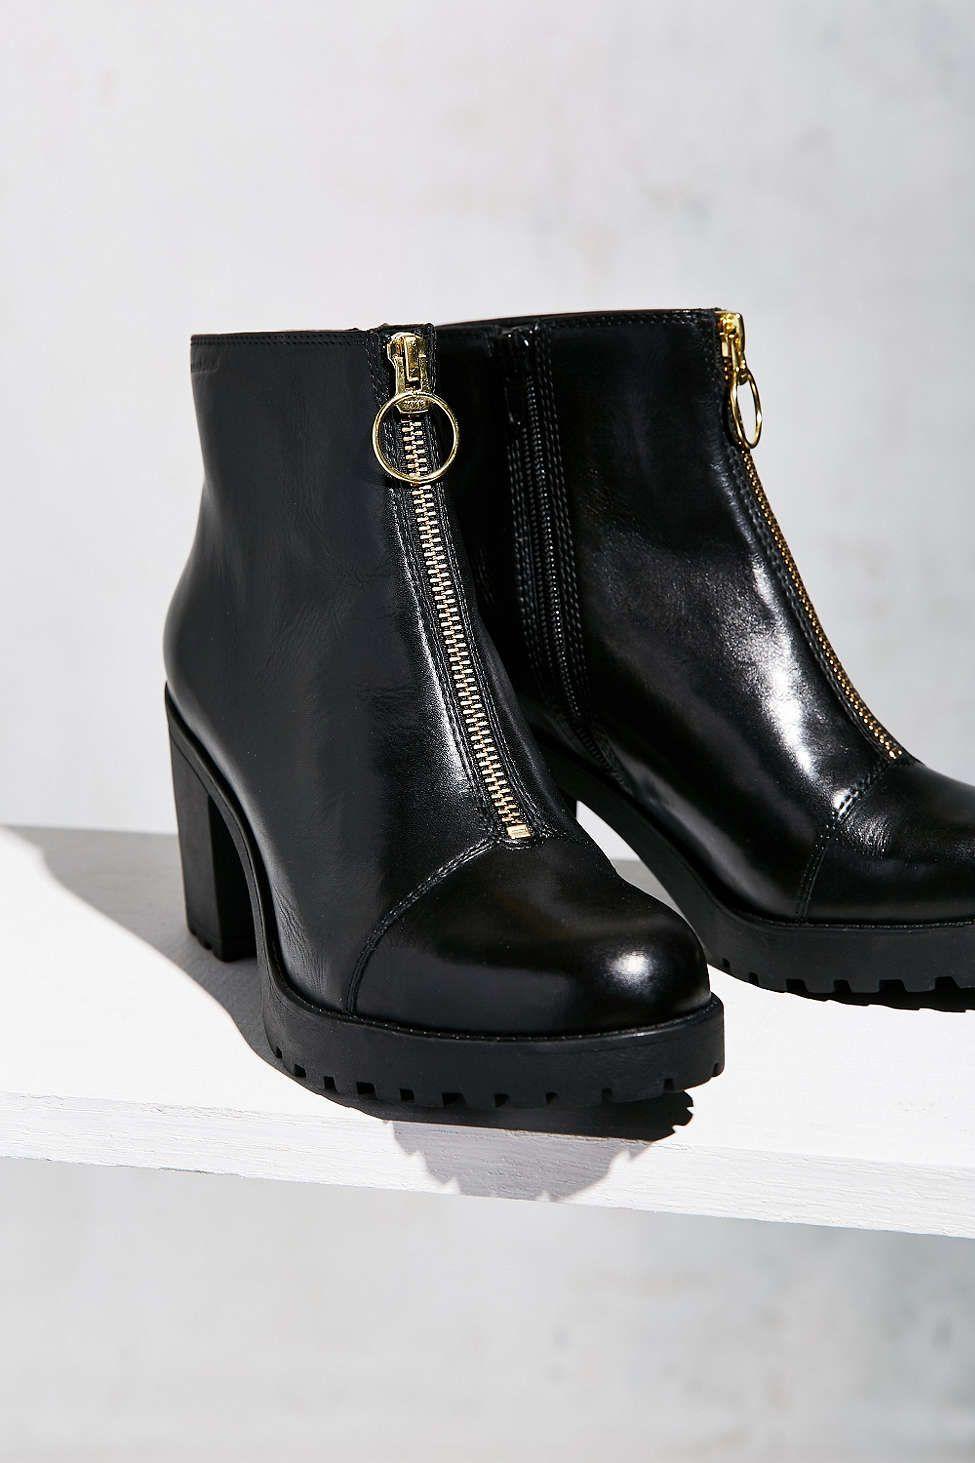 6d89ce0aeaac Vagabond Grace Front Zip Ankle Boot   Trend   Boots, Shoes, Vagabond ...